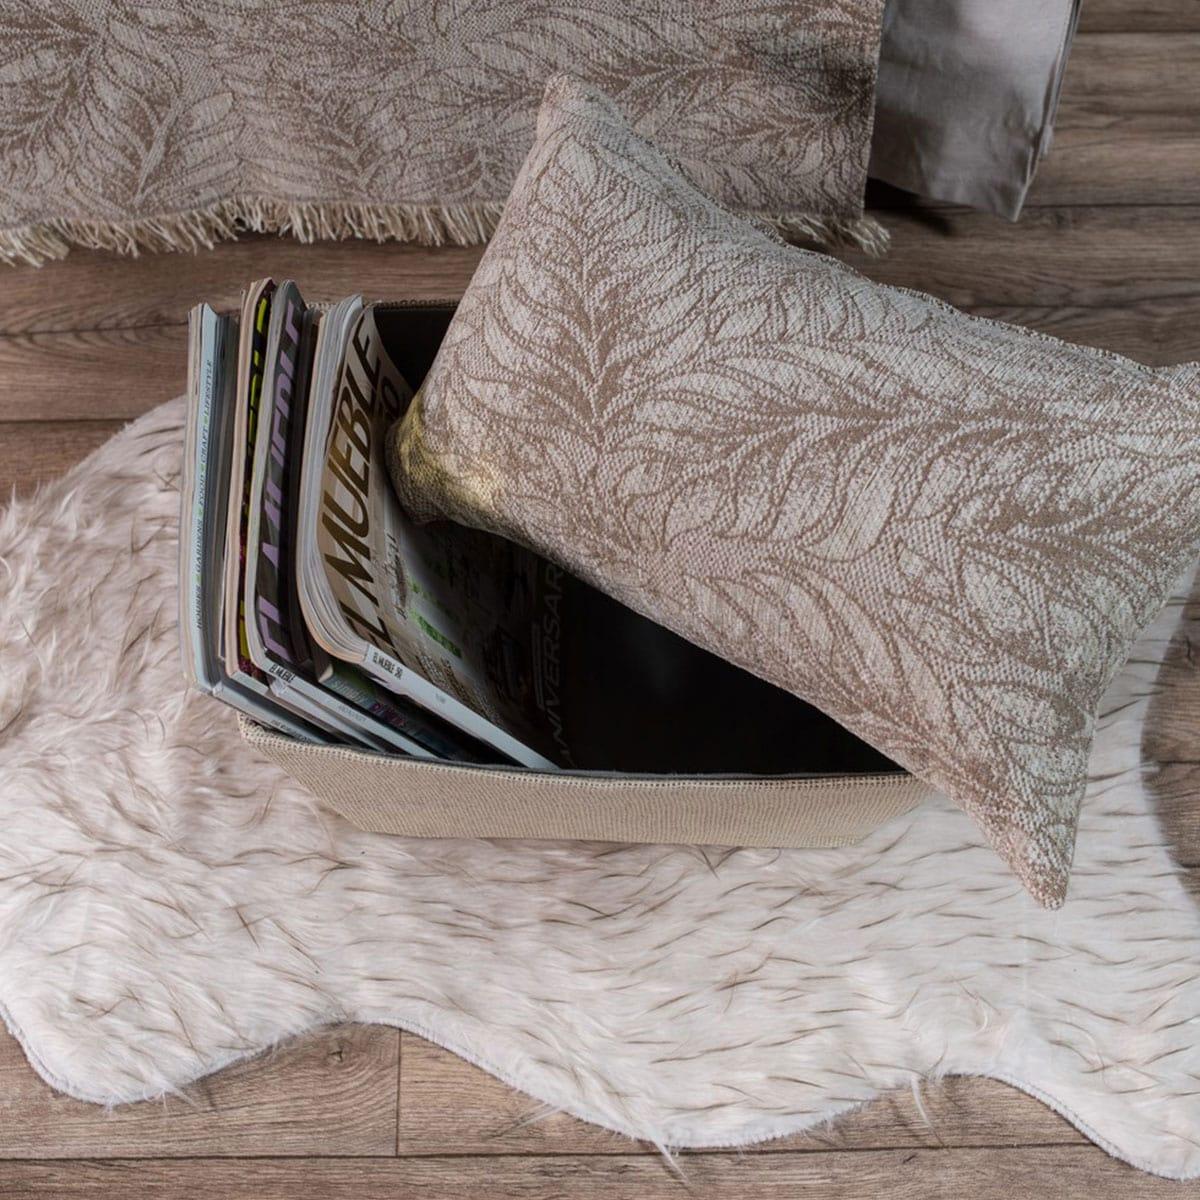 Μαξιλαροθήκη Διακοσμητική Illinois 02 Beige Teoran 30Χ50 Ακρυλικό-Polyester